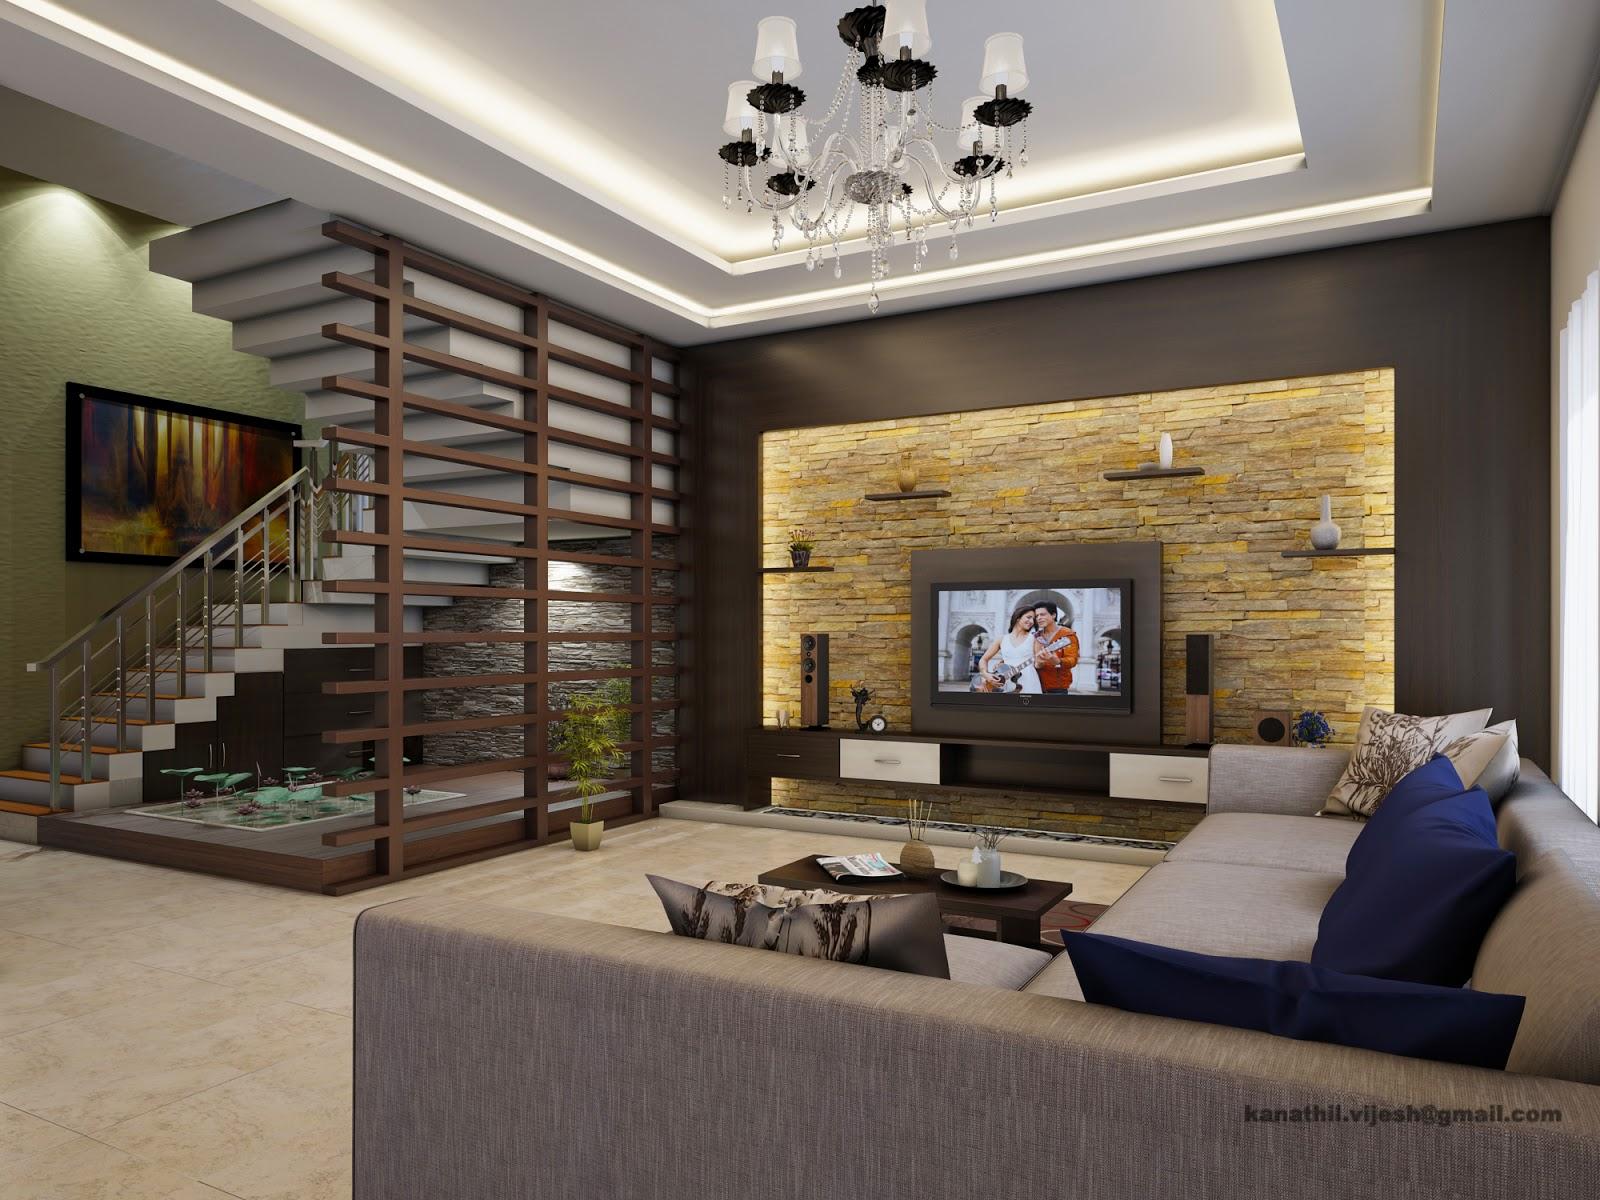 Image Result For Study Room Design